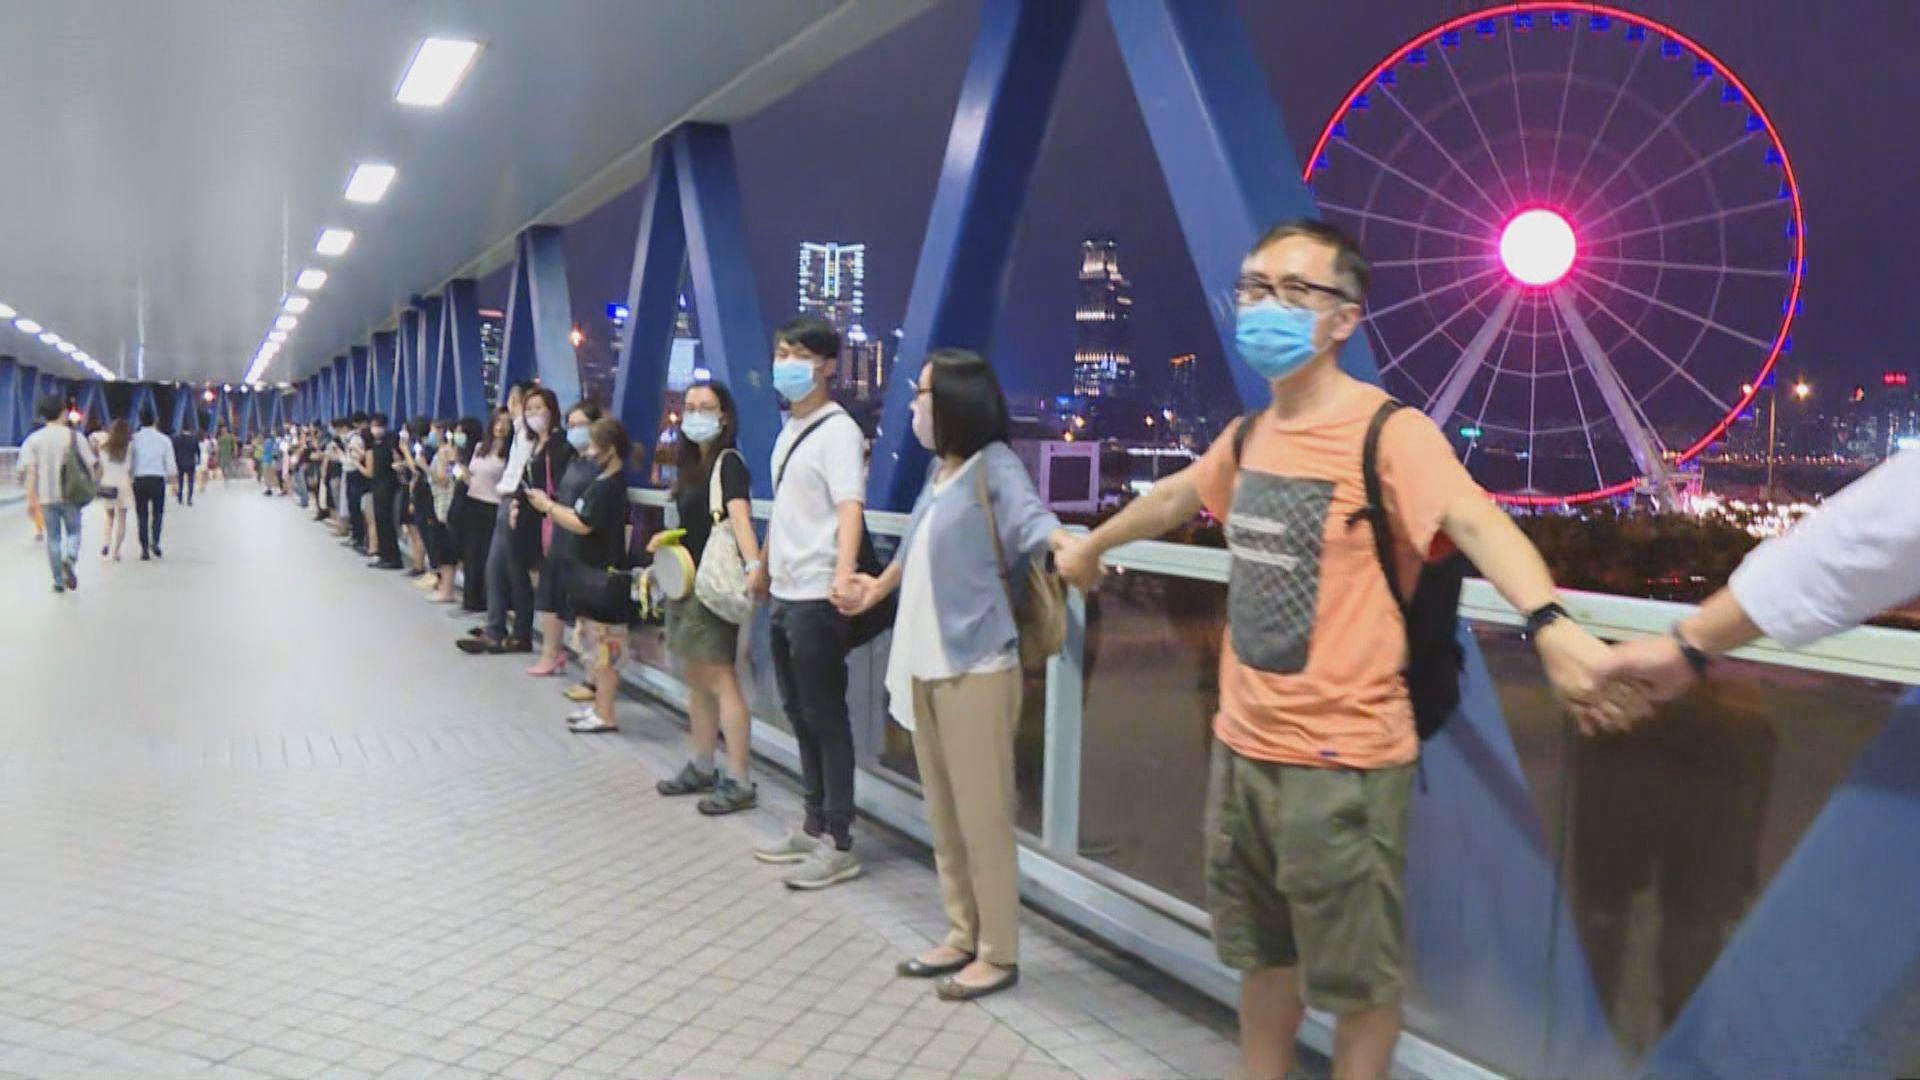 市民晚上於中環組人鏈表達反修例訴求